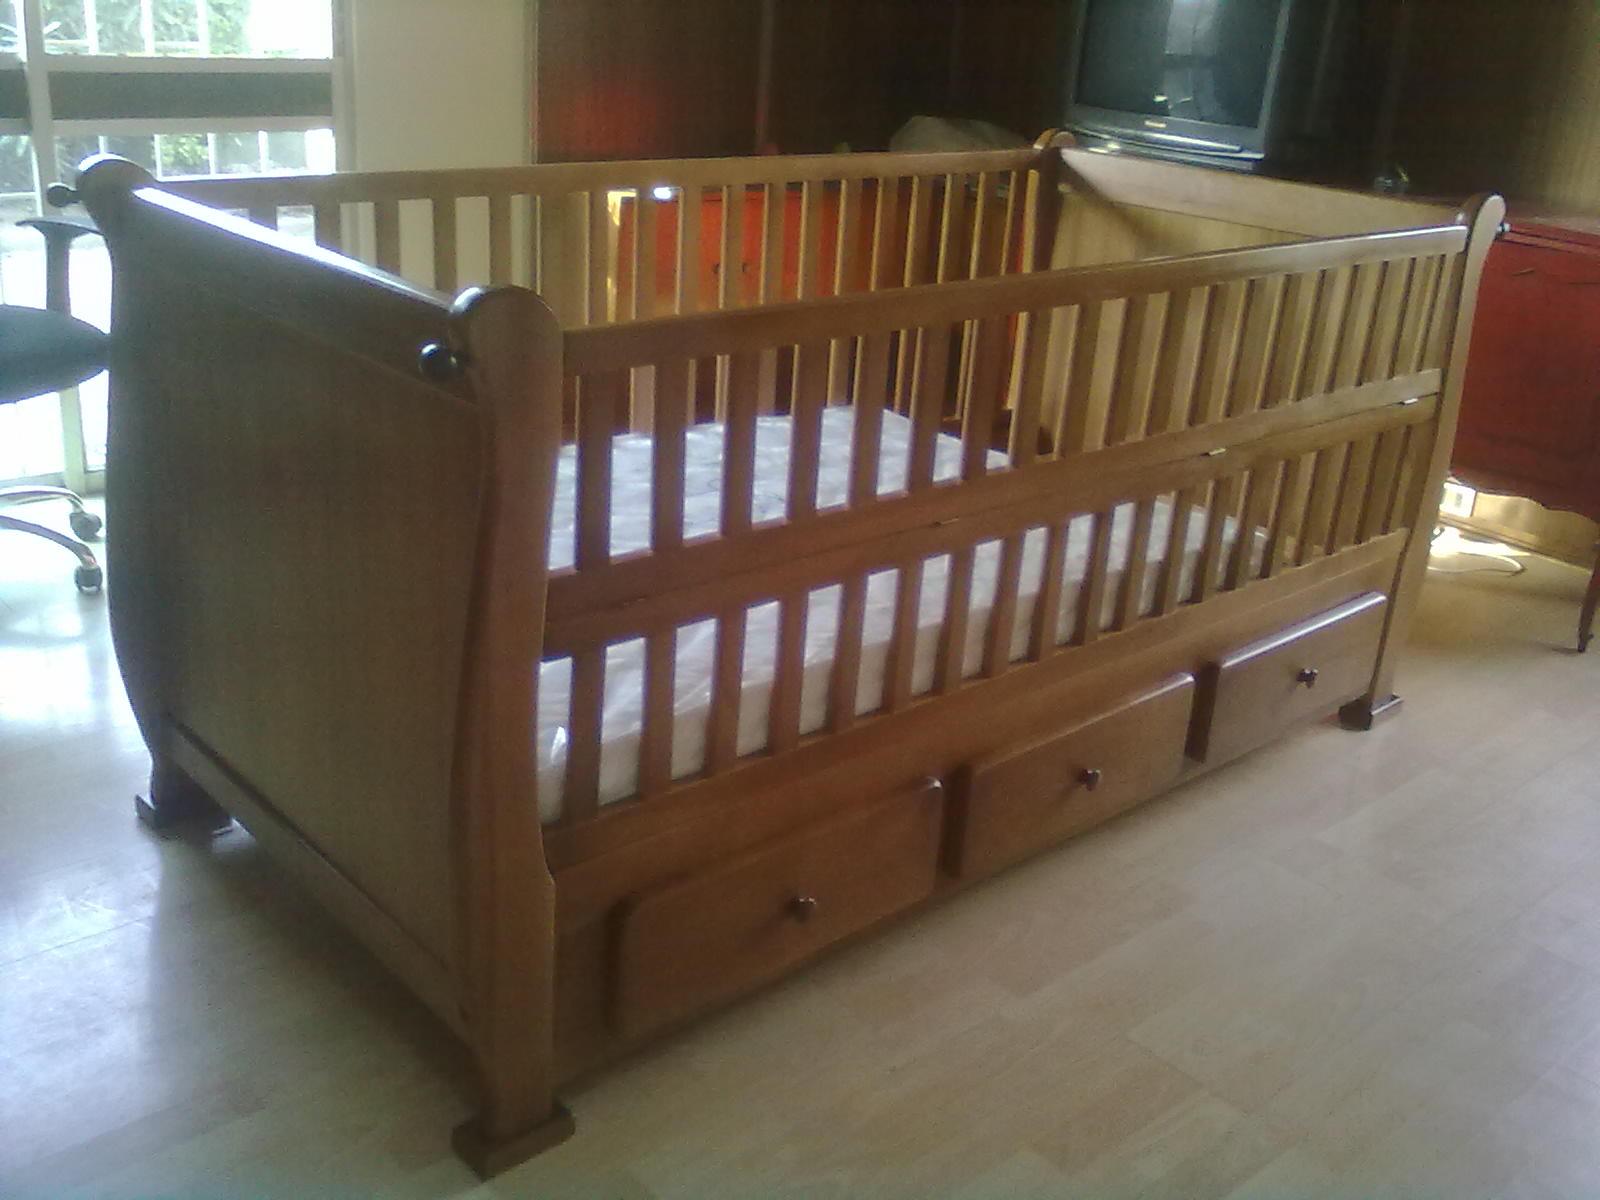 Muebles kotue cama cuna corral 1 plaza for Como hacer una cama de 1 plaza